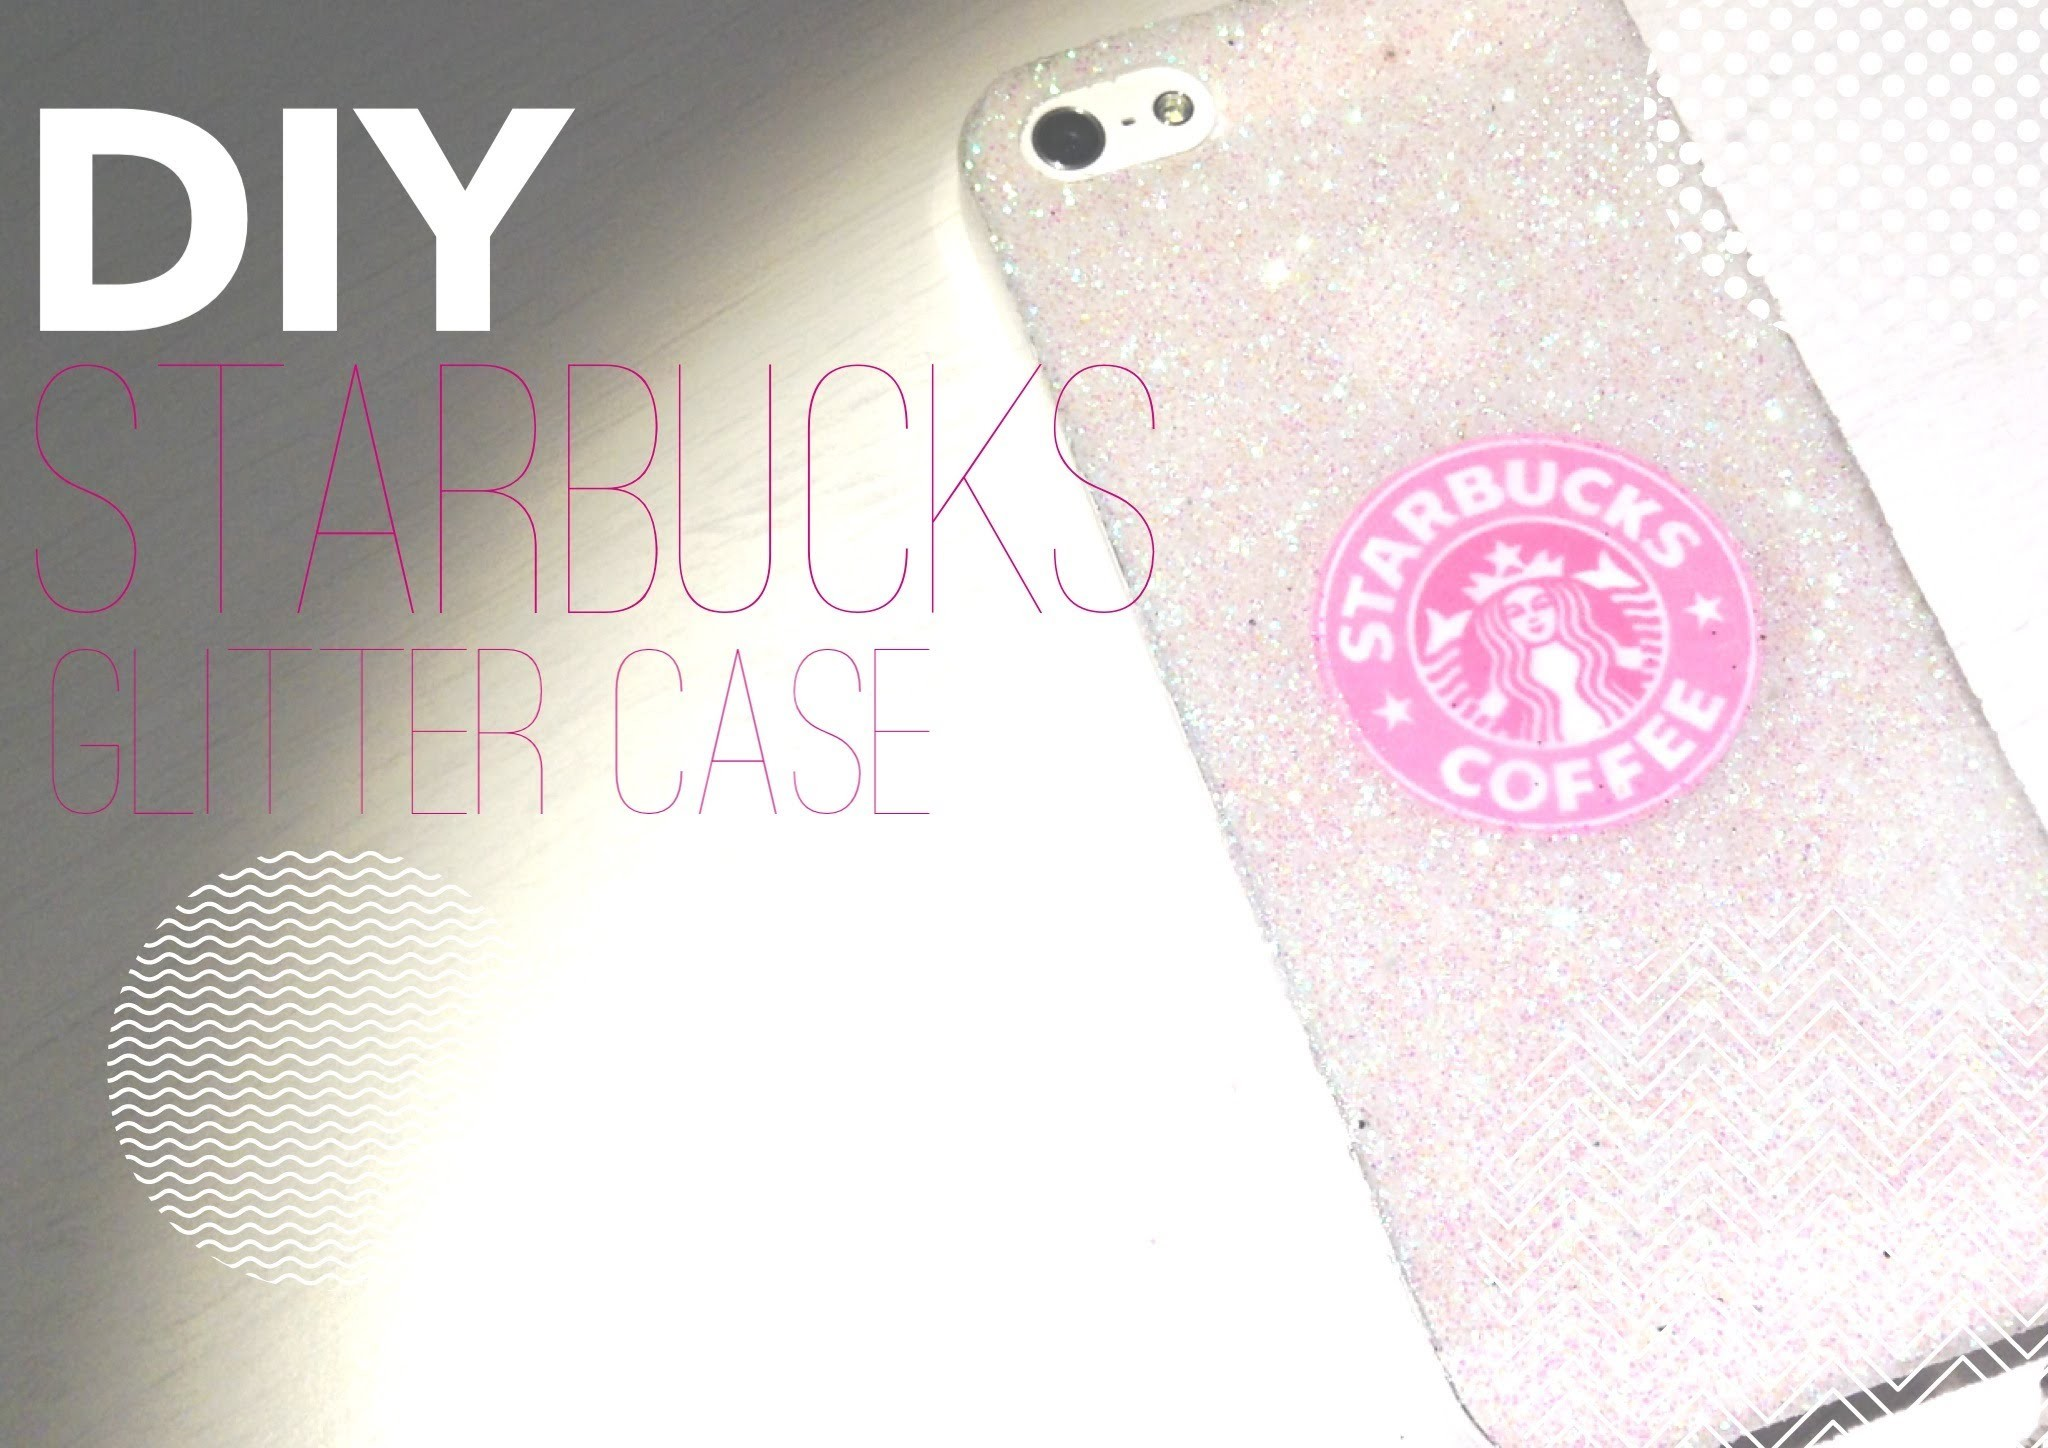 DIY Starbucks Glitter Case!